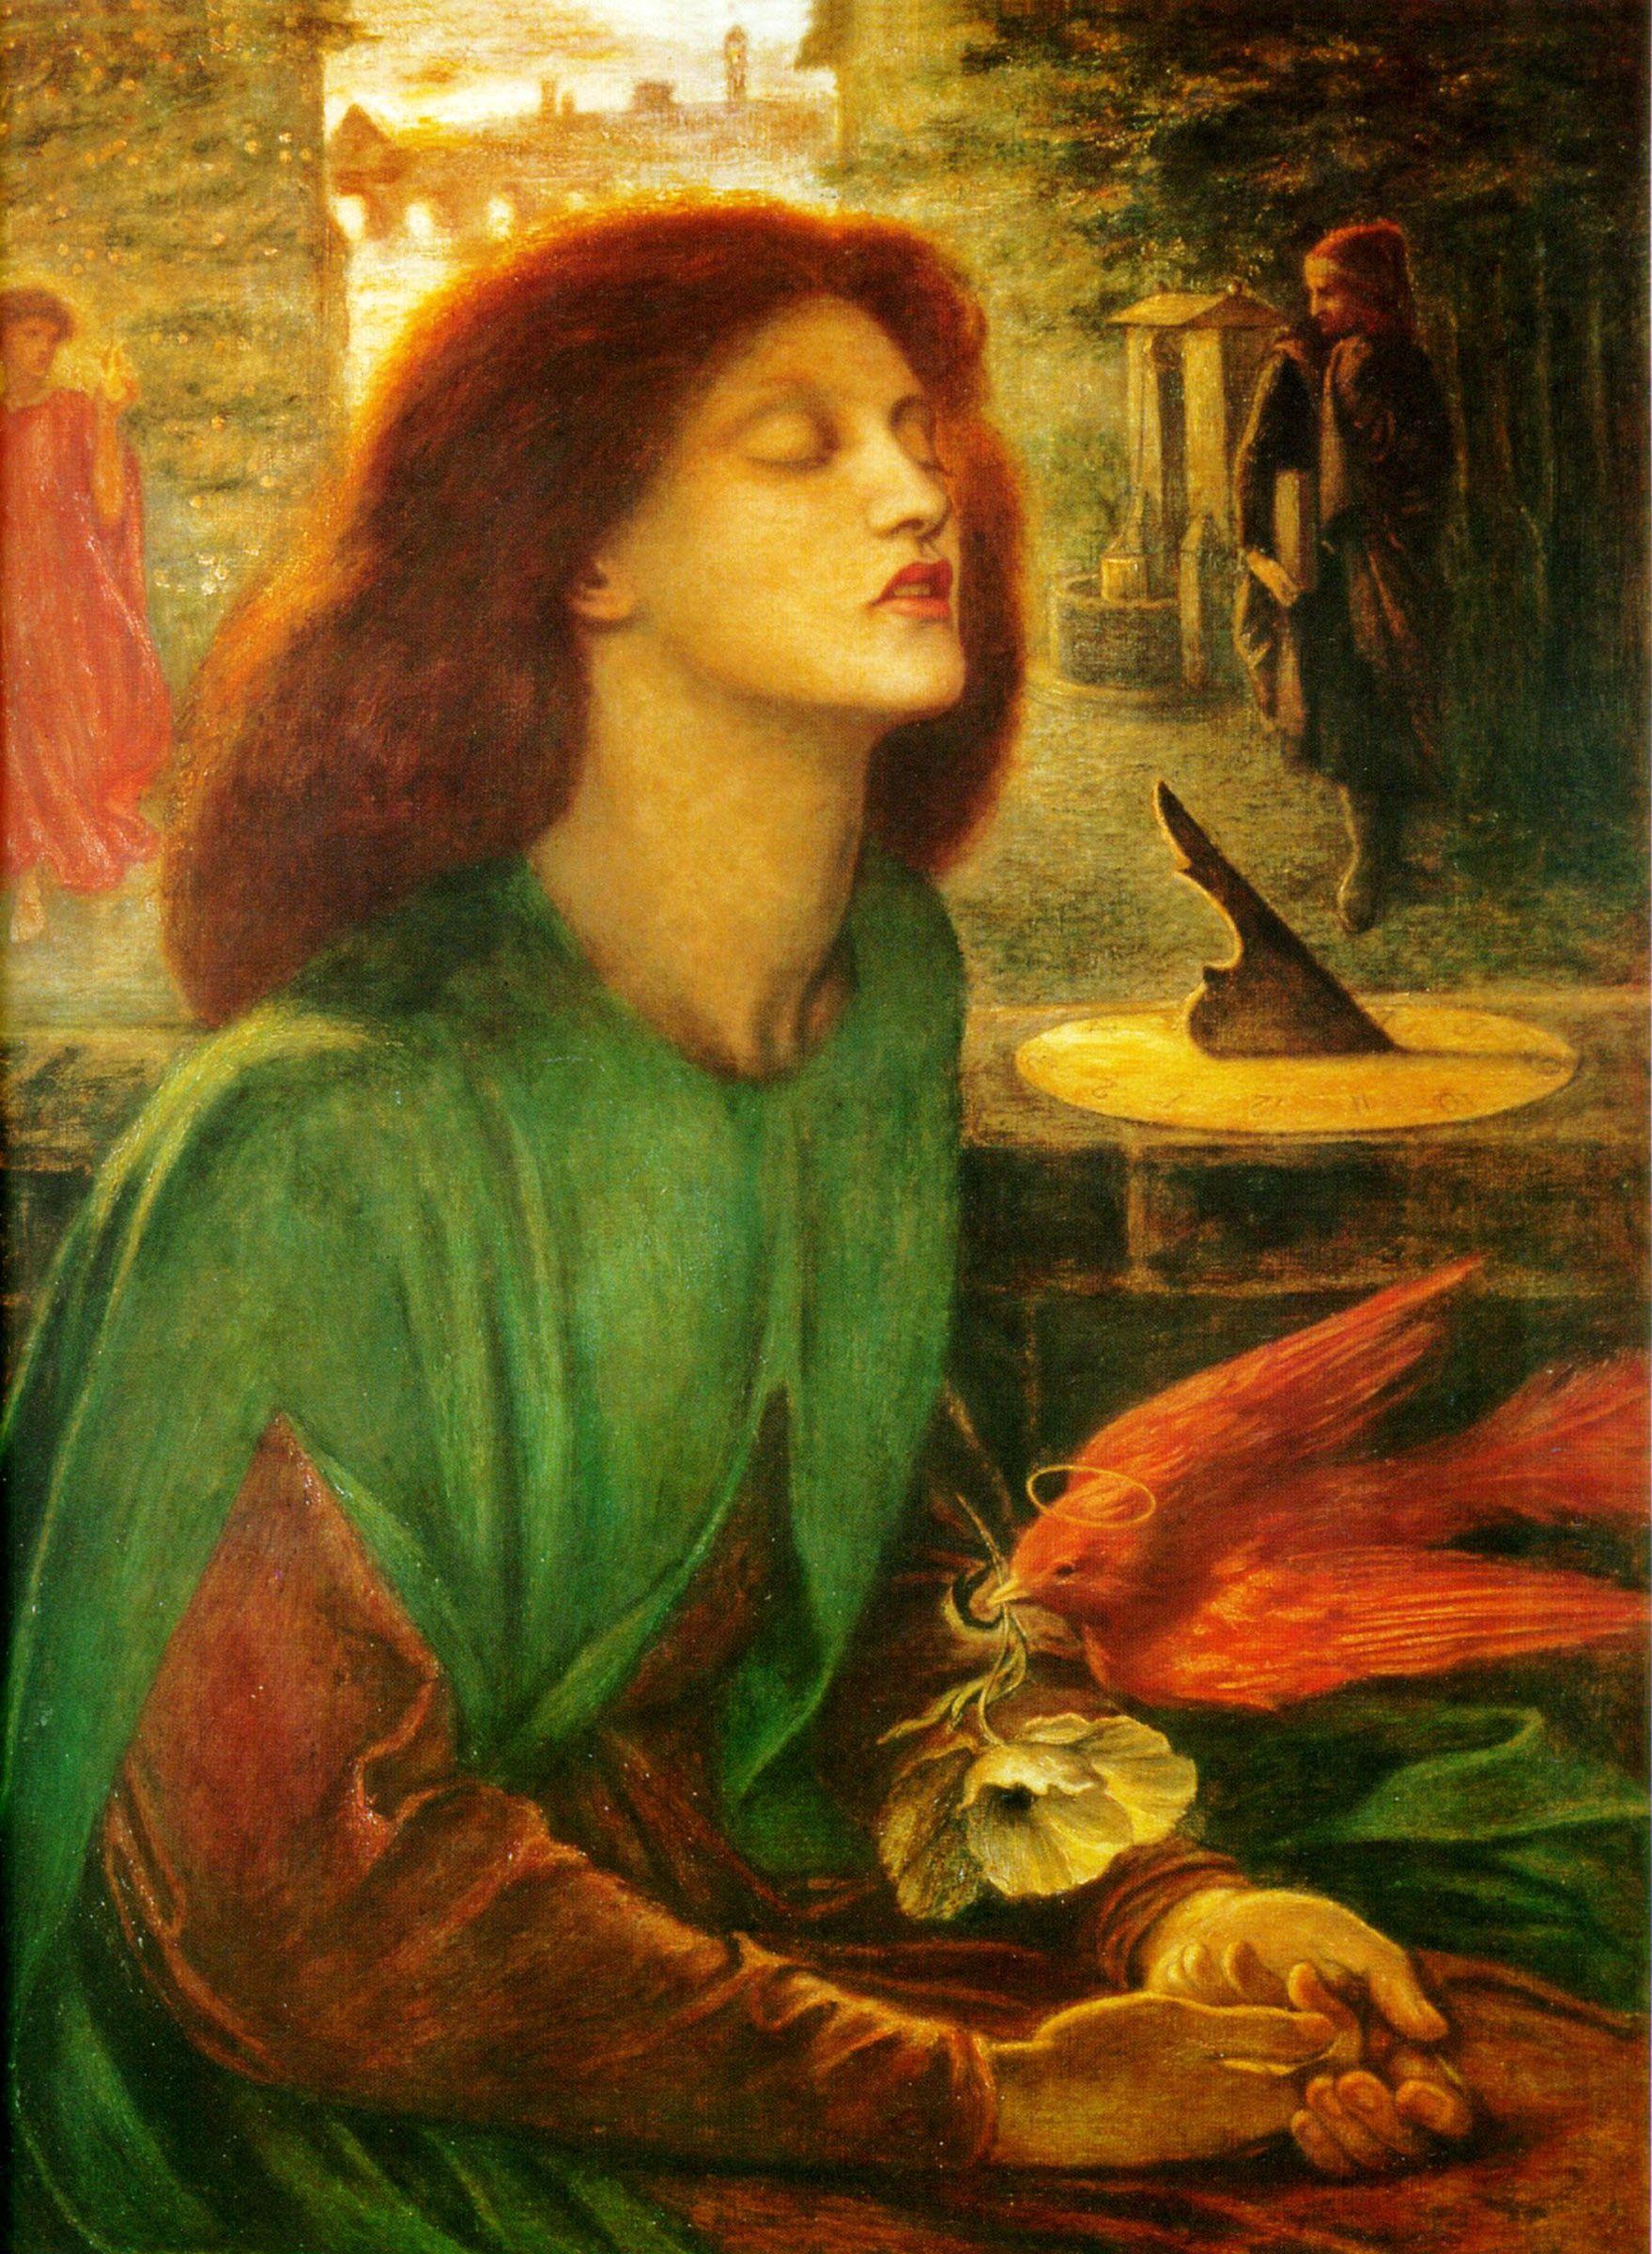 'Beata Beatrix' (1864-1870) un homenaje de Dante Gabriel Rossetti a su esposa fallecida